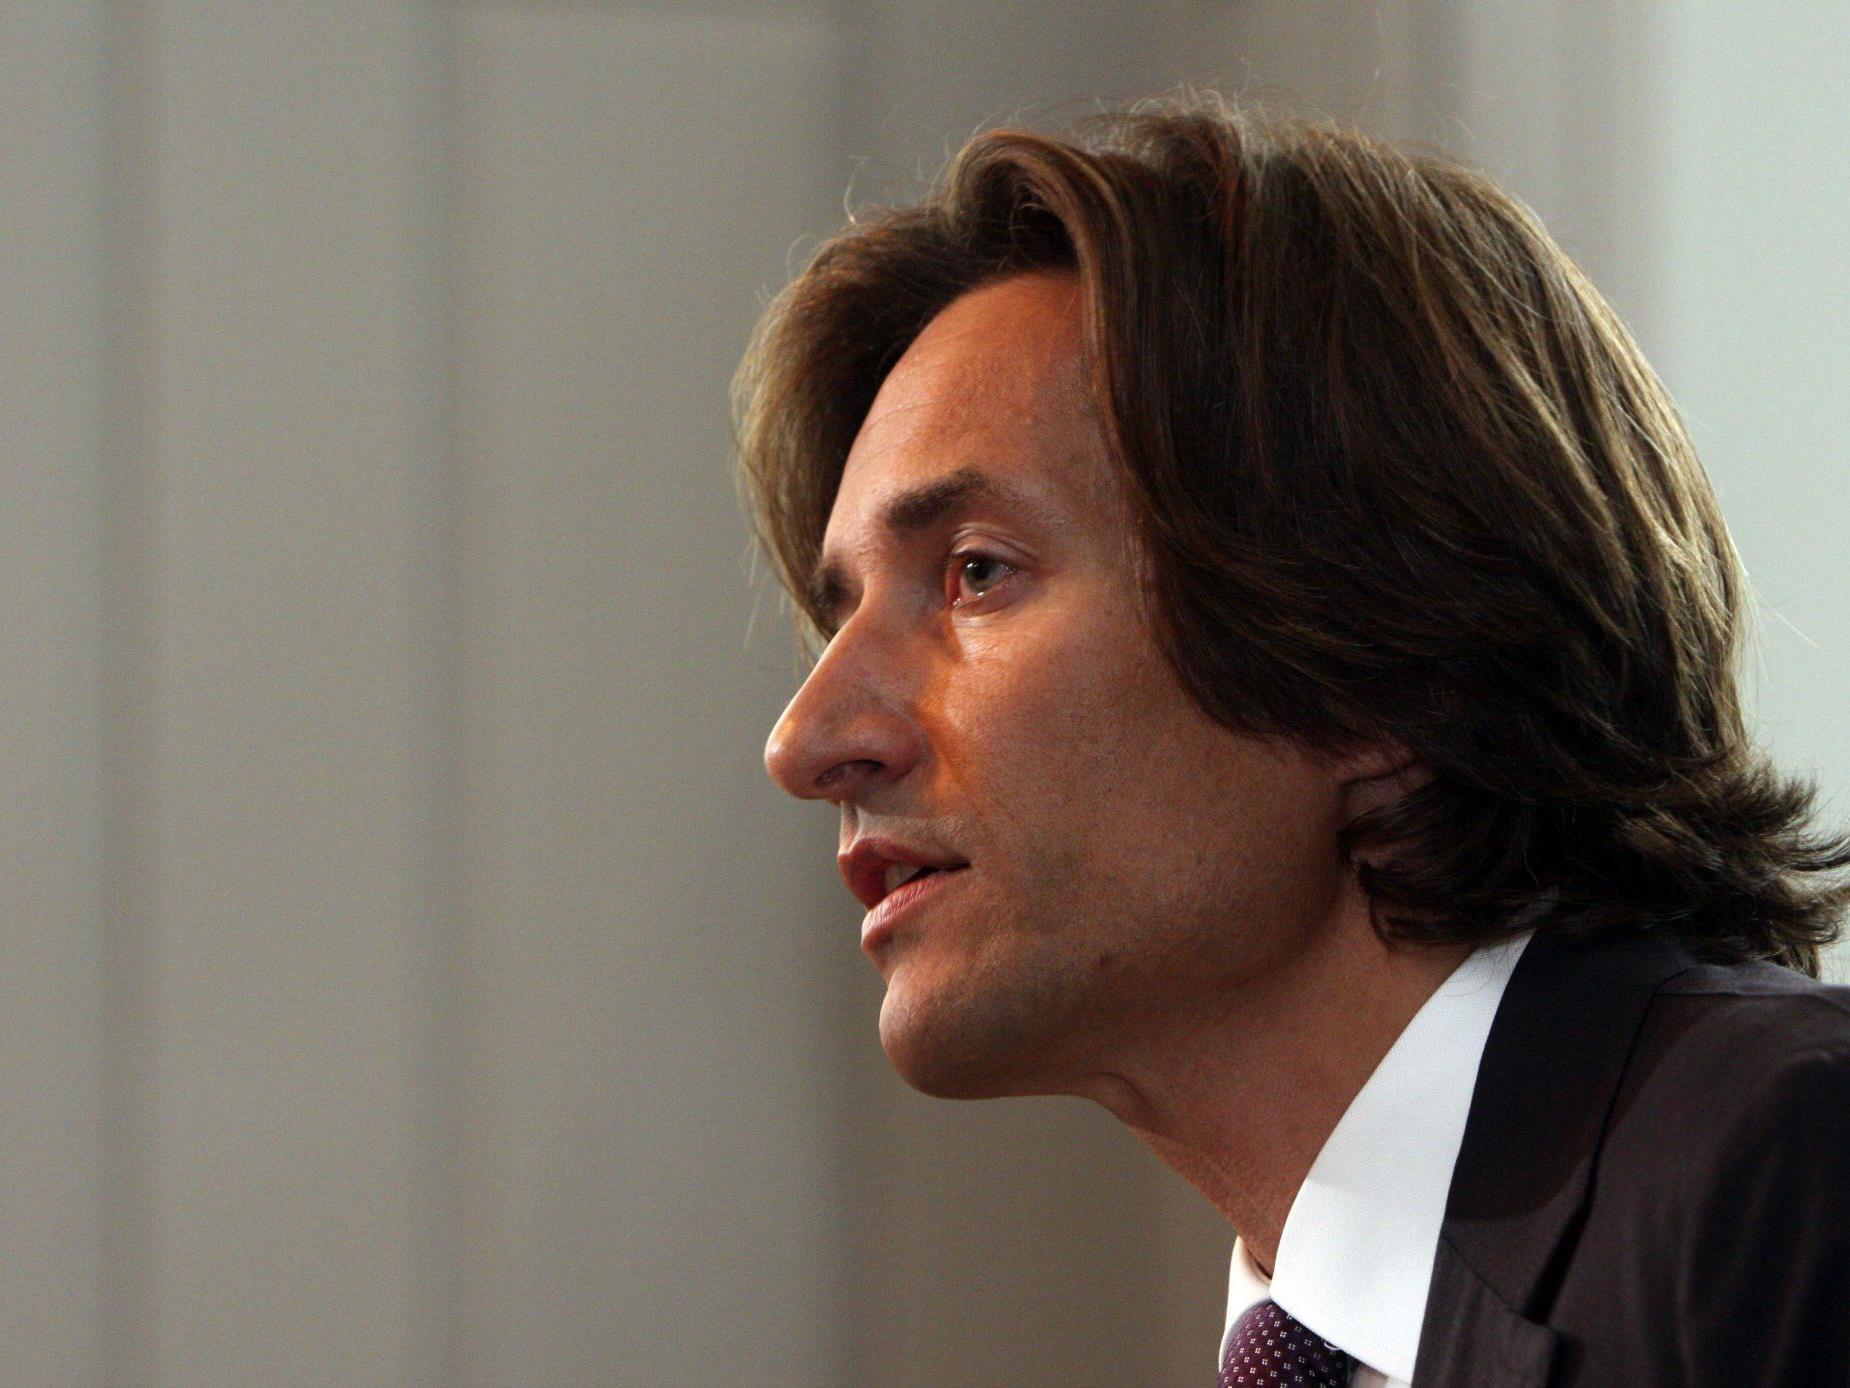 Günther Kräuter fordert, die Verhängung der Untersuchungshaft gegen Grasser zu prüfen.